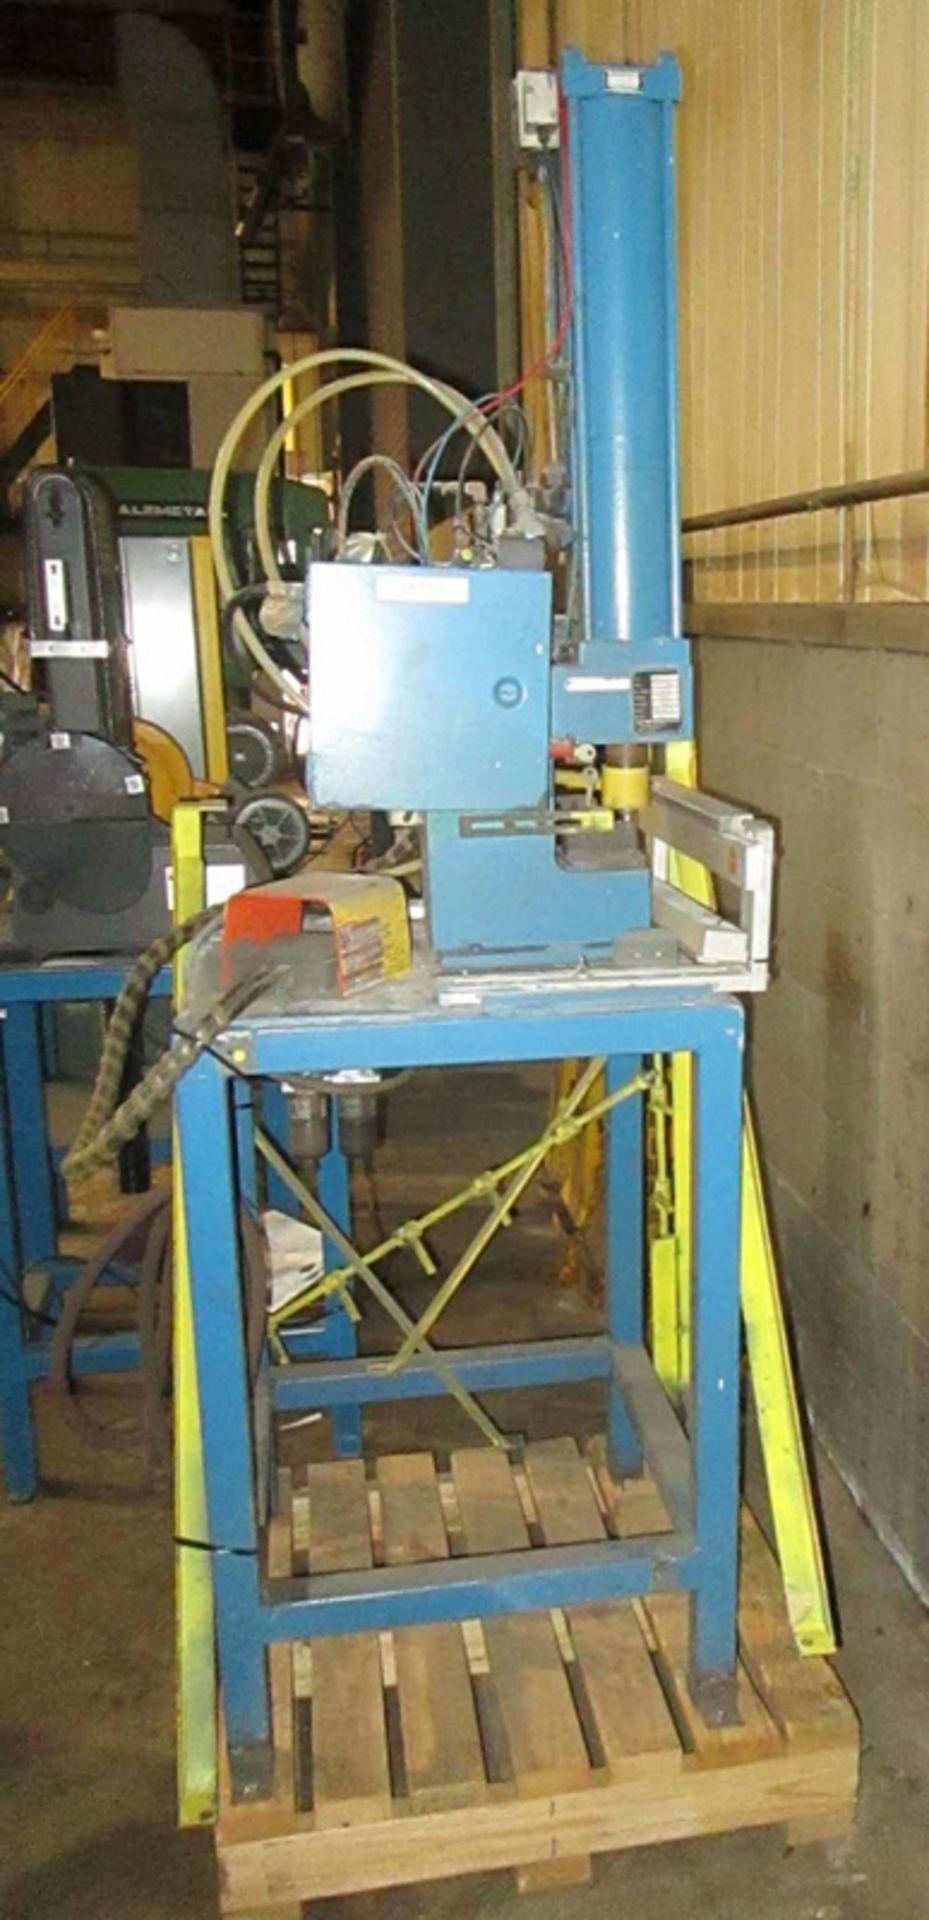 1996 Tox Air Press | 15-Ton, Mdl: CEB-15, S/N: 669-94-304 - 6513P